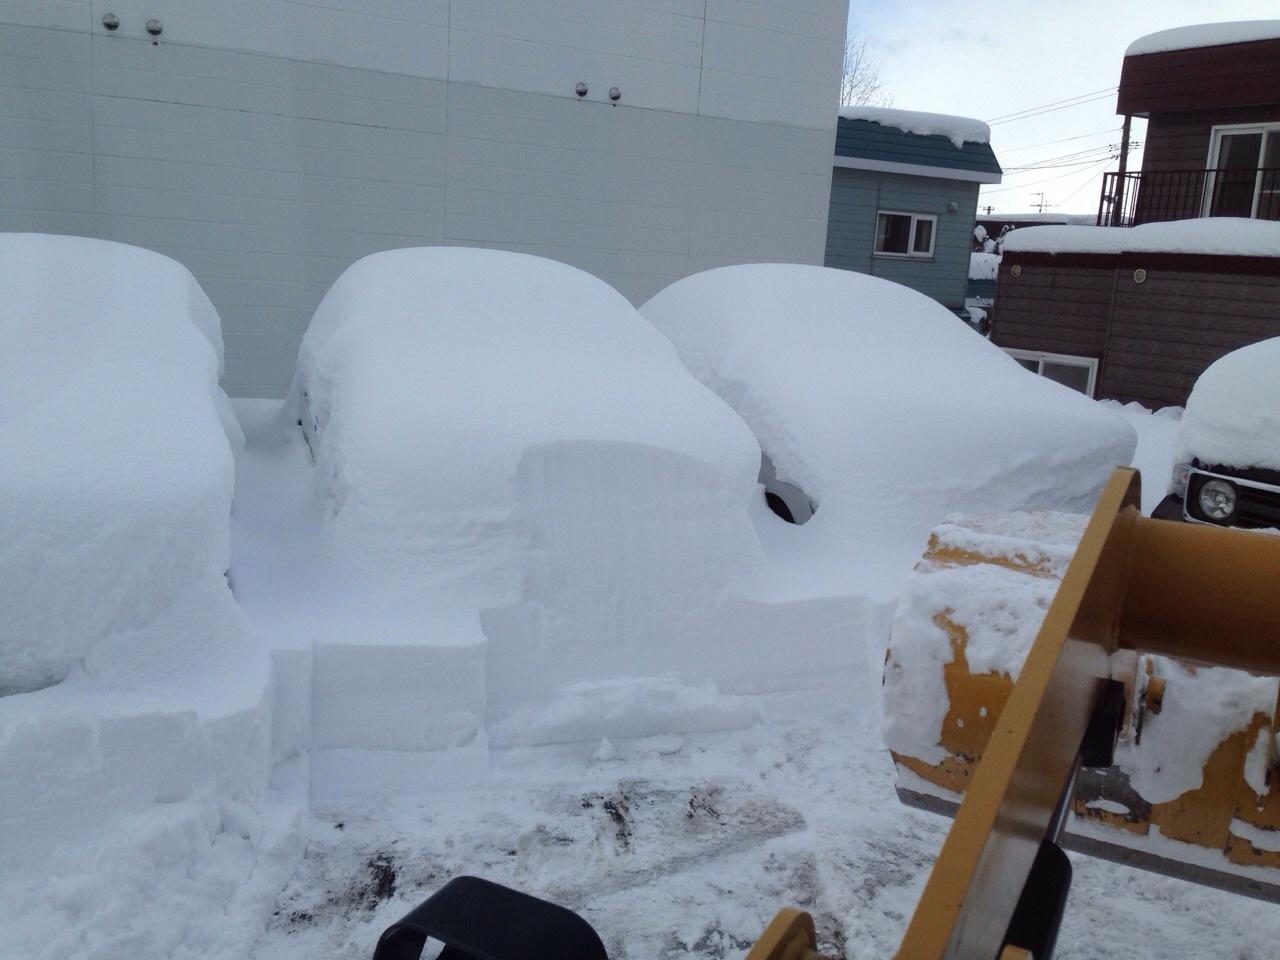 東京オートサロン準備の予定が除雪始めに、明寿ブログ、ランクル200ディーゼル_b0127002_20502635.jpg